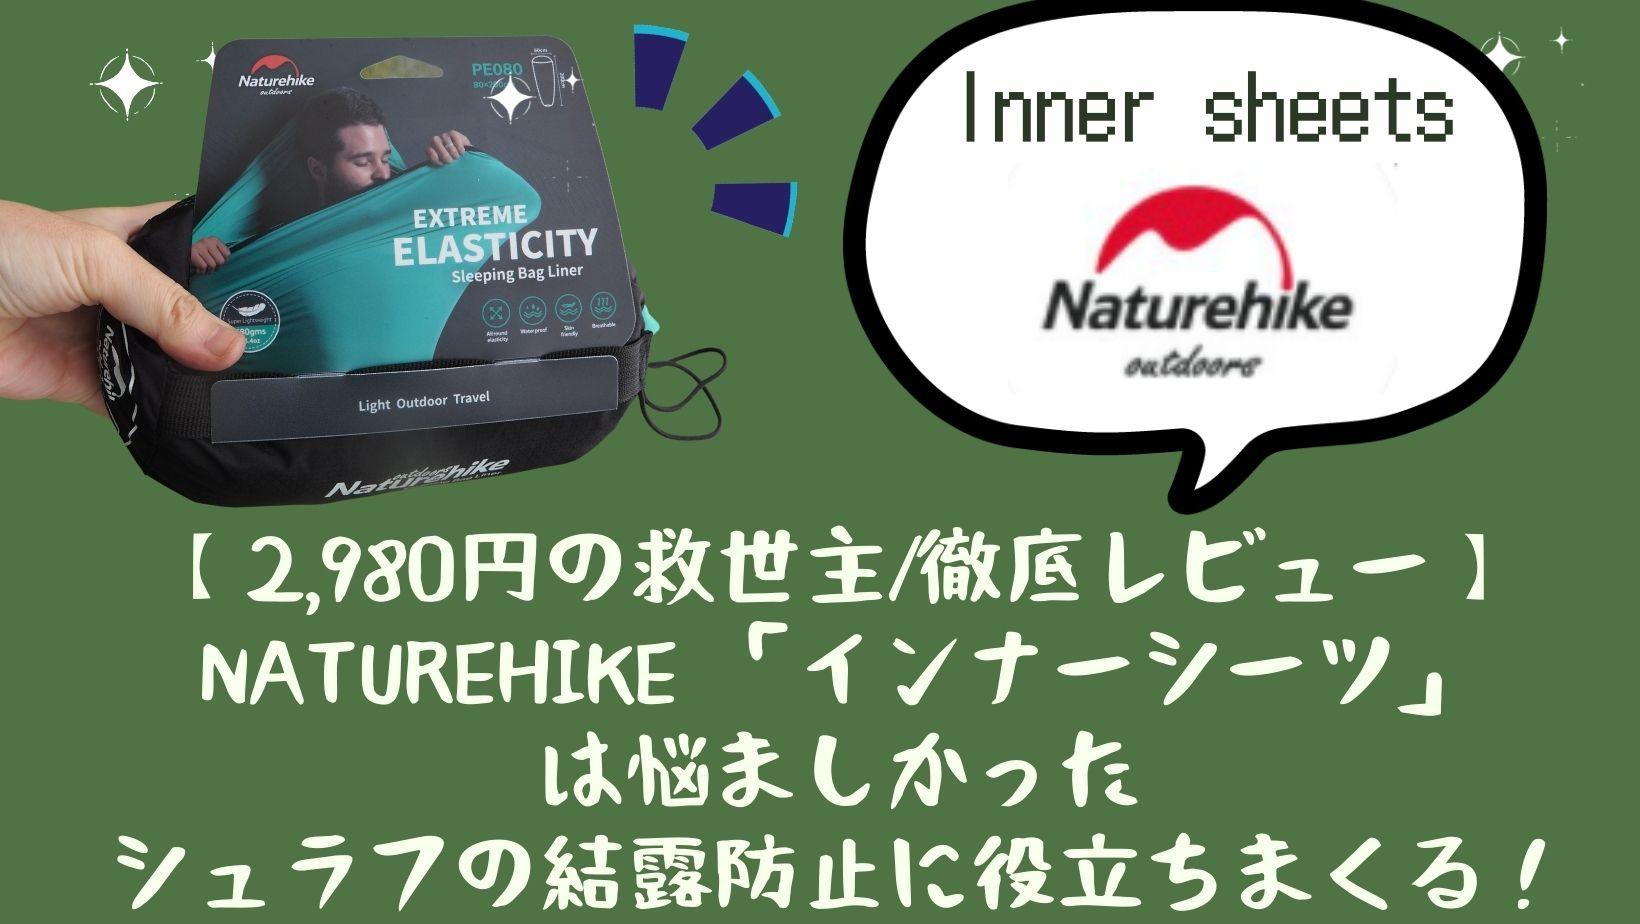 【2,980円の救世主/徹底レビュー】 Naturehike 「インナーシーツ」 は悩ましかった シュラフの結露防止に役立ちまくる!